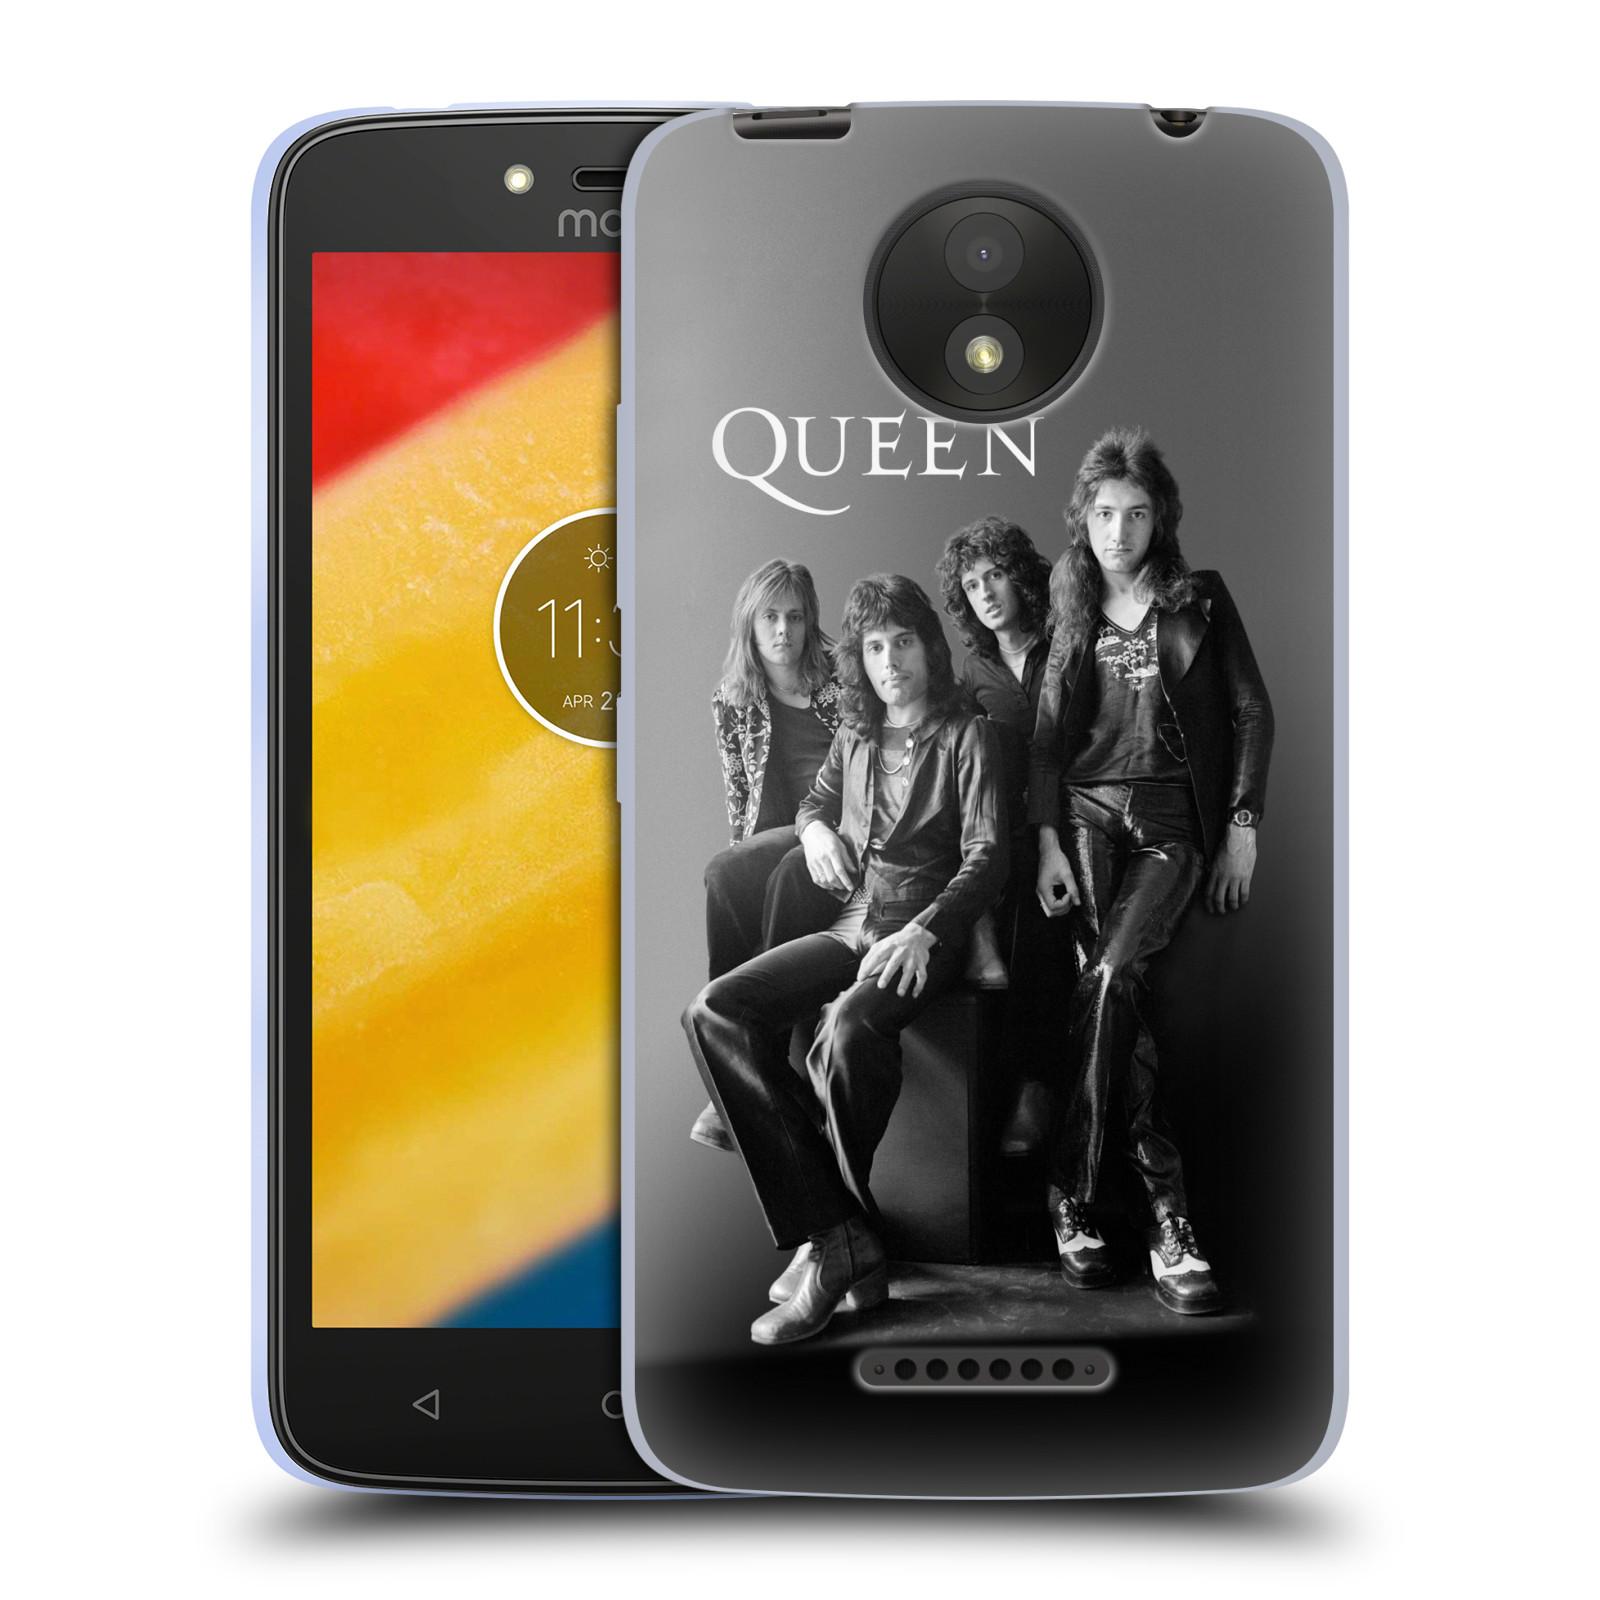 Silikonové pouzdro na mobil Lenovo Moto C Plus - Head Case - Queen - Skupina